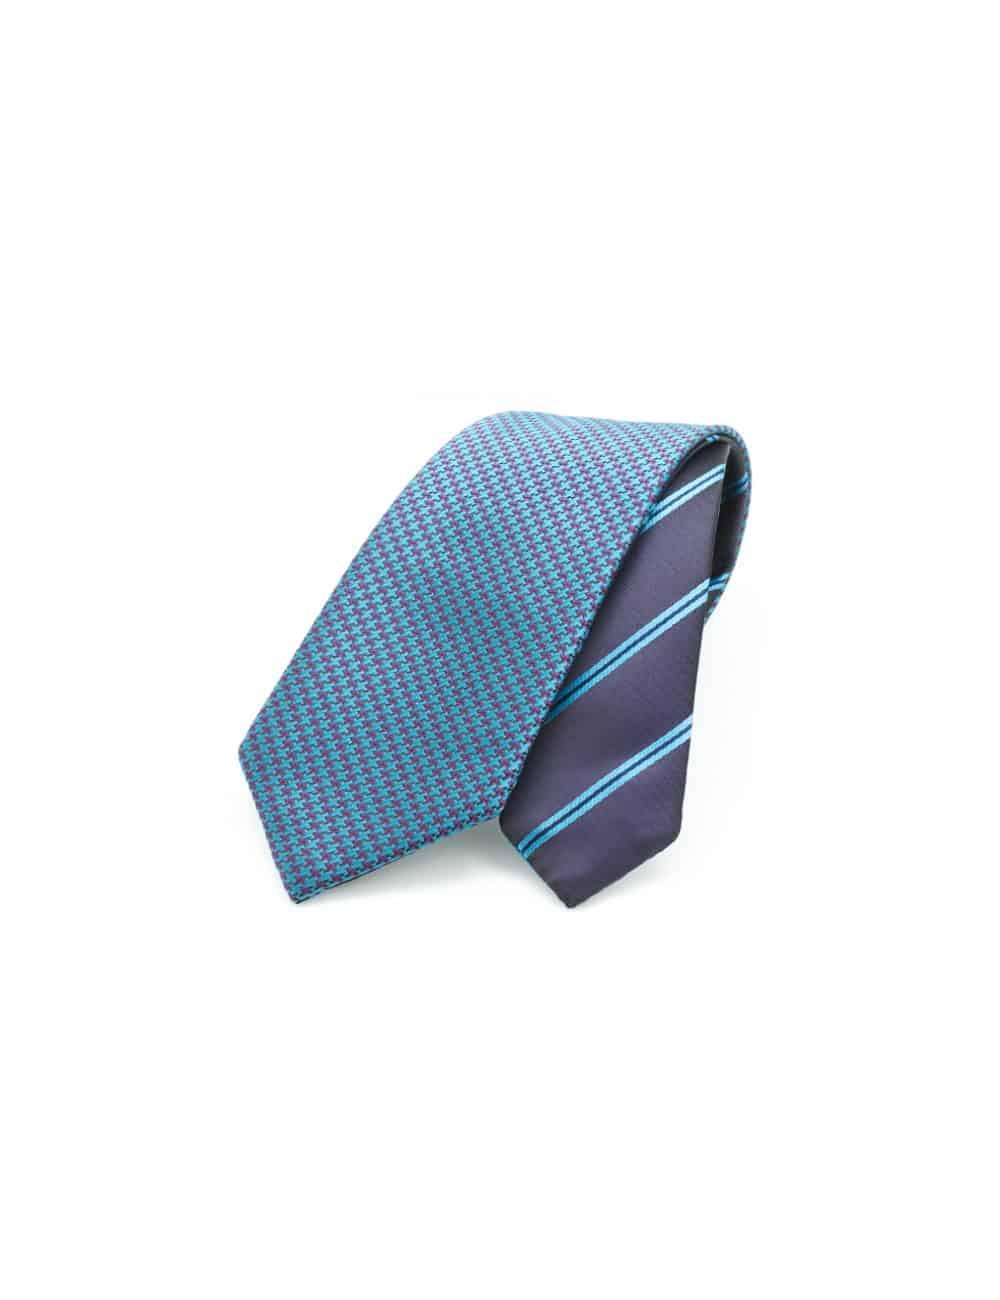 Turquoise Dobby Spill Resist Woven Reversible Necktie RNT11.9